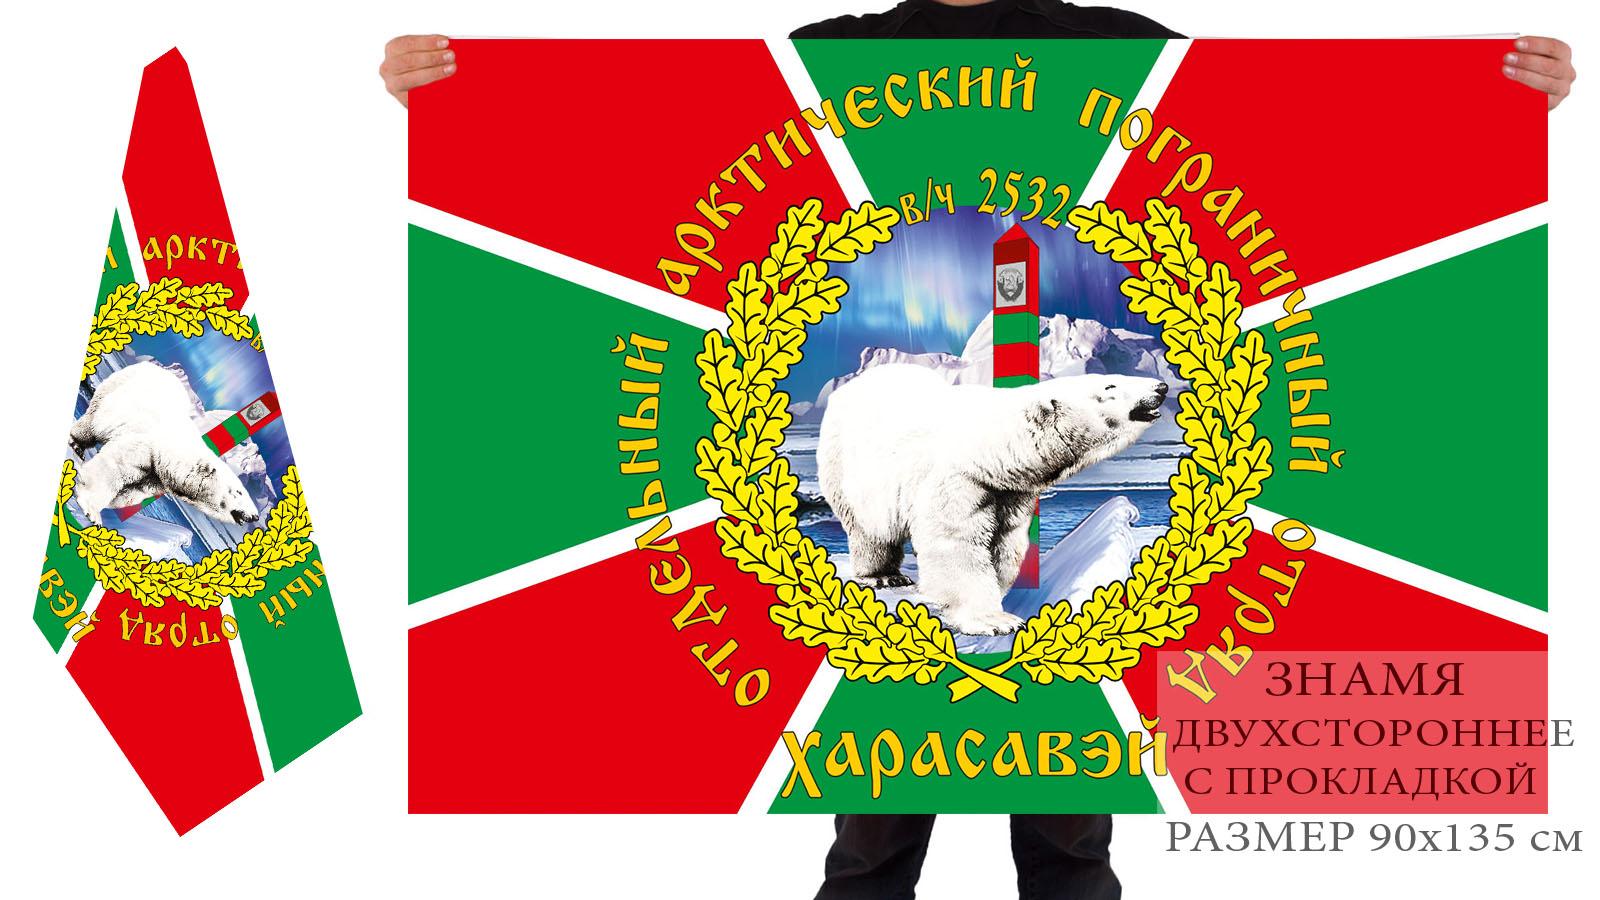 отдельный арктический пограничный отряд фото витязь описание